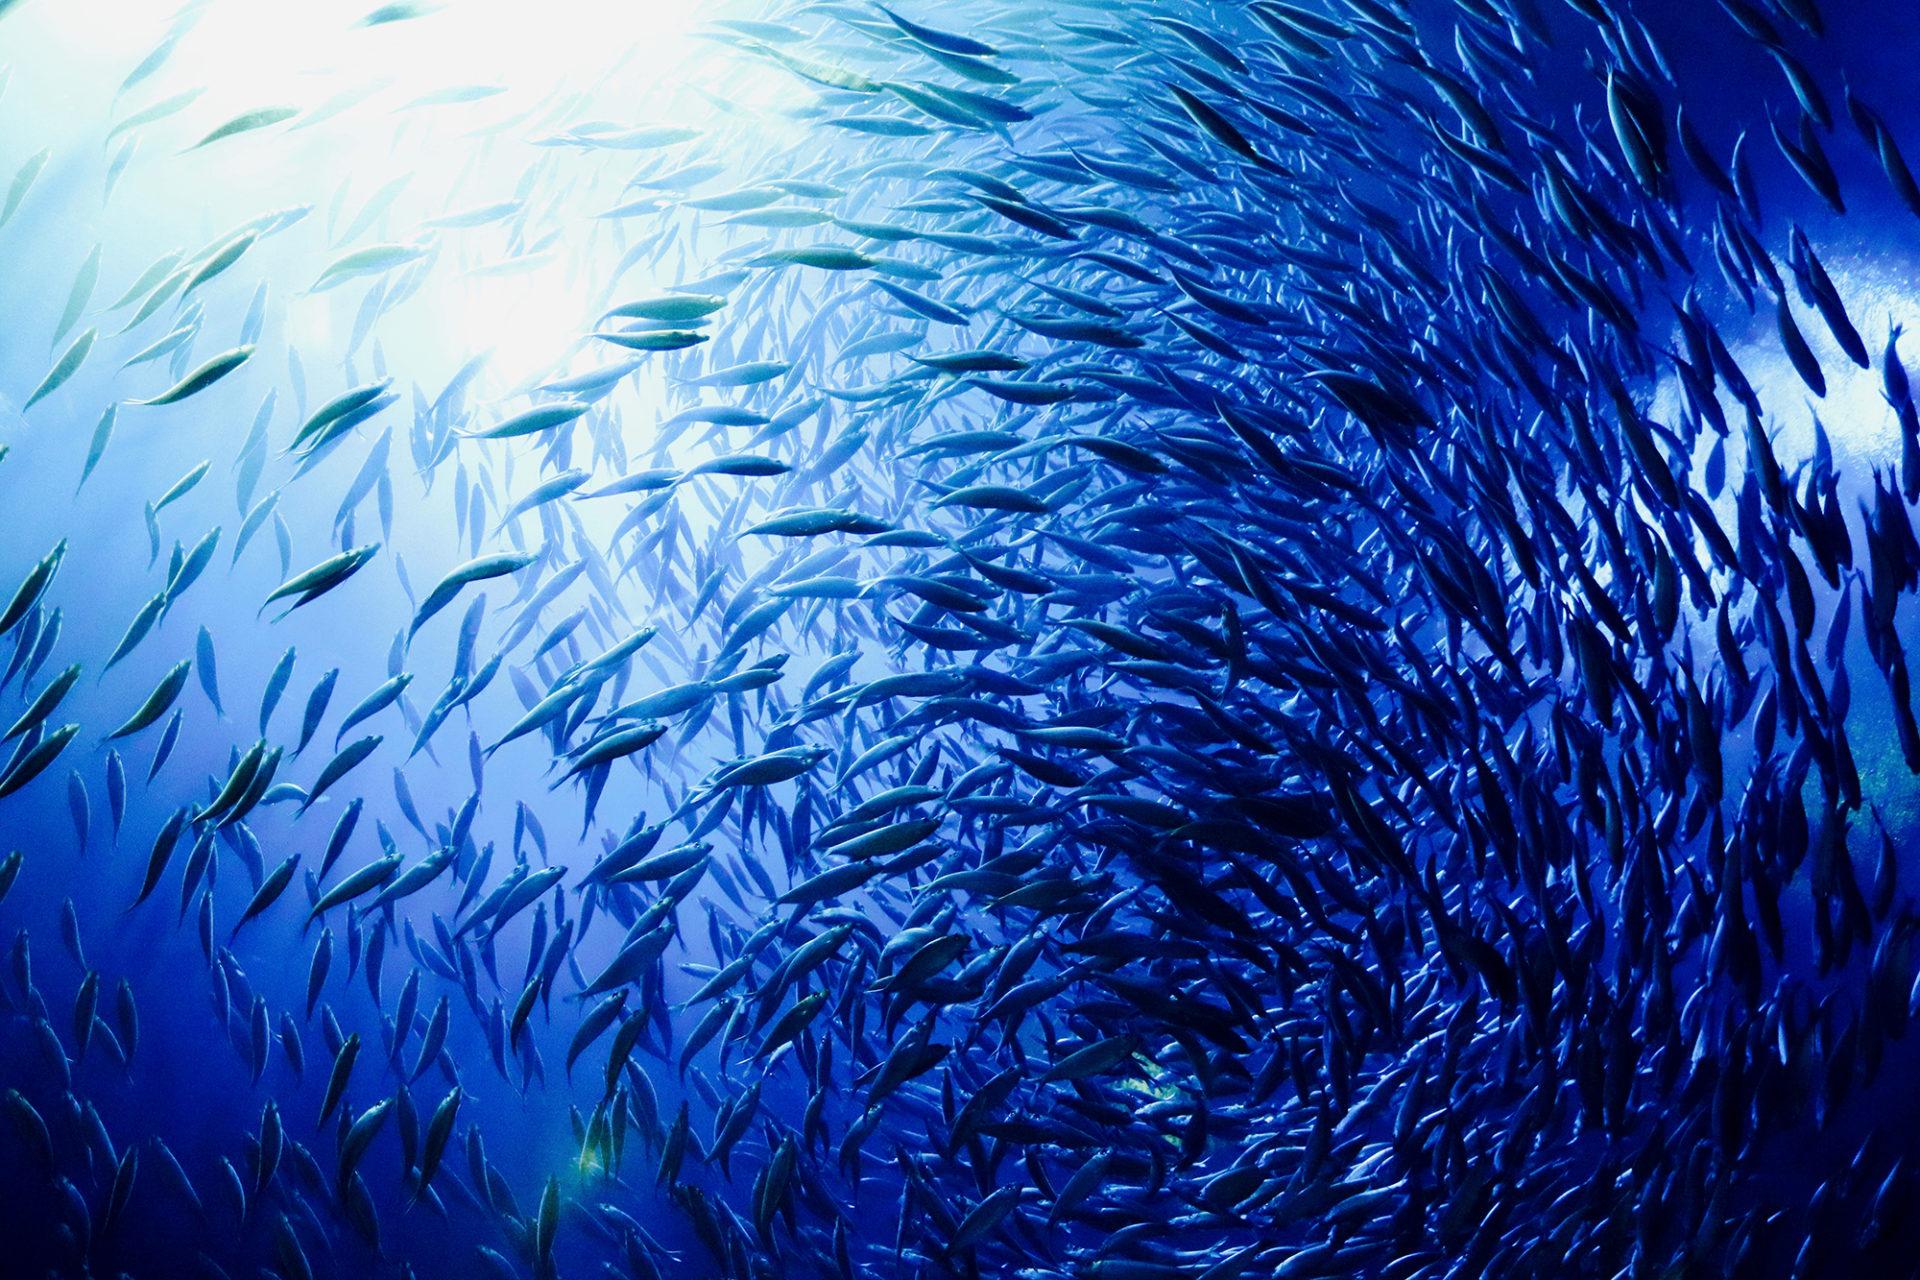 ławica ryb morskich